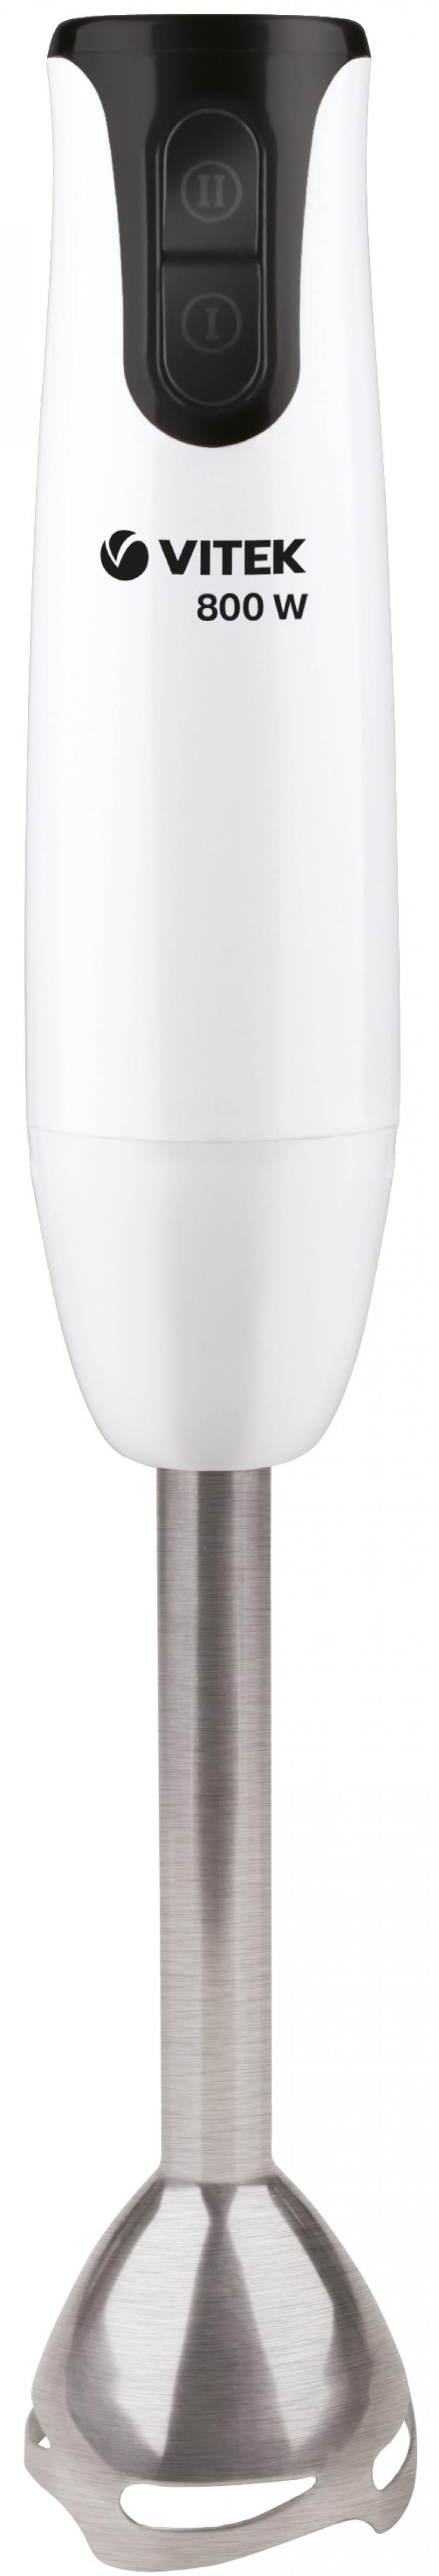 Блендер погружной Vitek VT-3428 800Вт белый